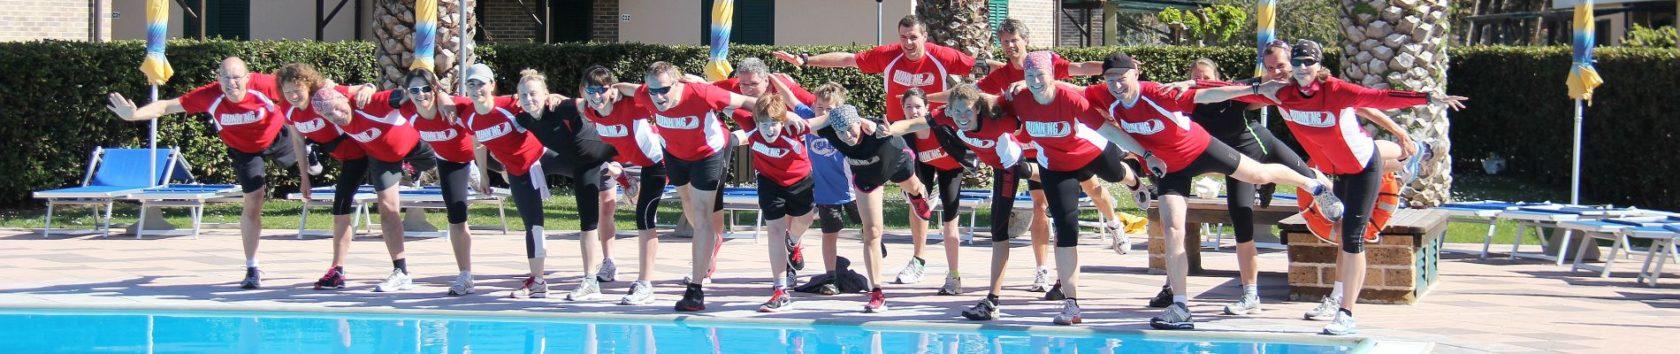 Runner's High im RUNNING Company Lauftraining